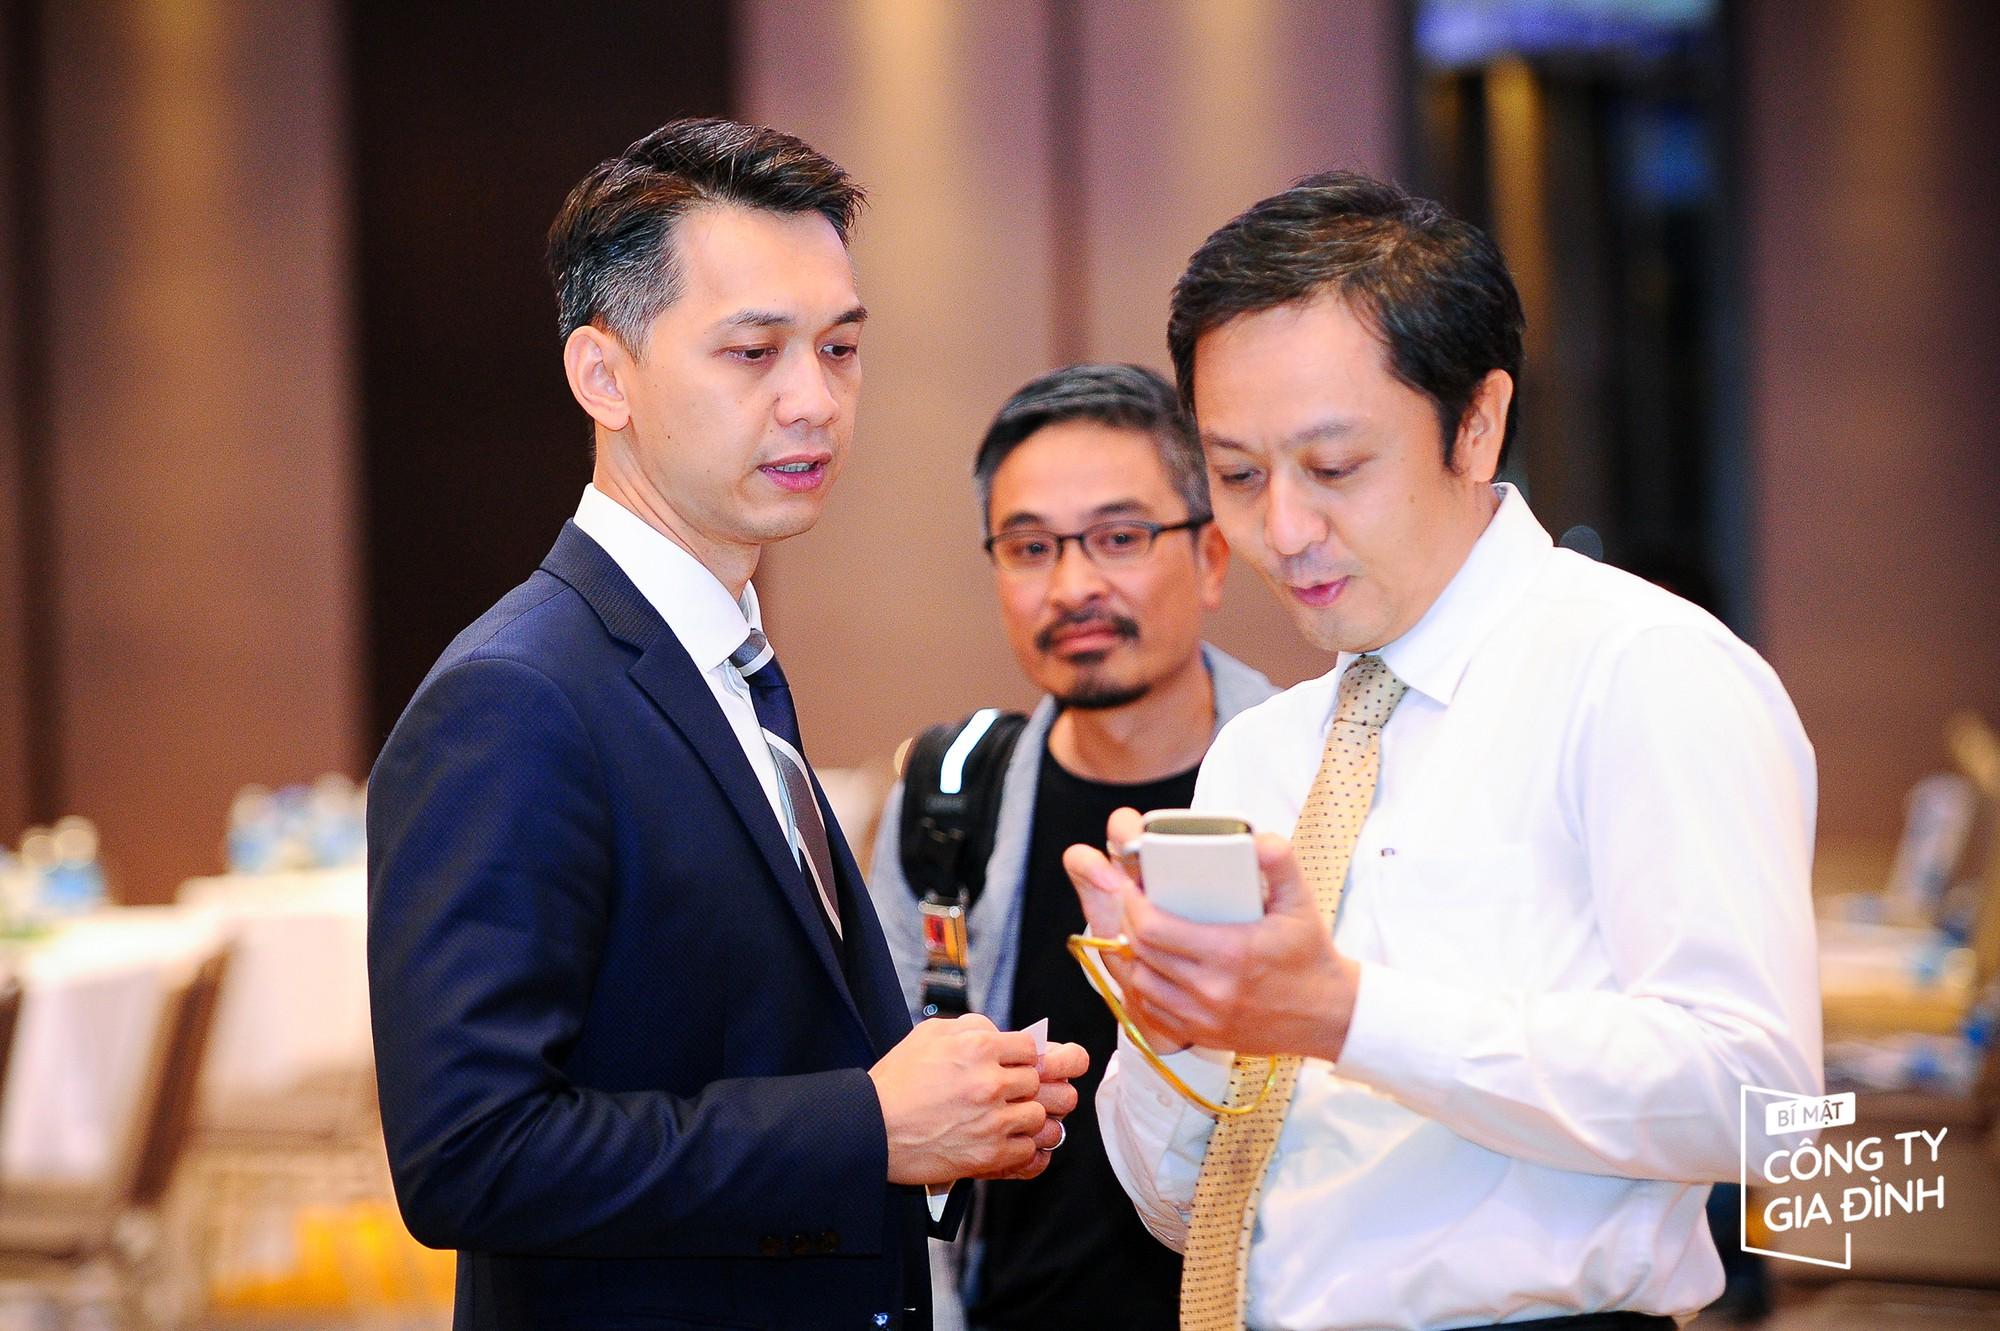 Trần Hùng Huy: Vị Chủ tịch ngân hàng đặc biệt nhất Việt Nam - Ảnh 12.